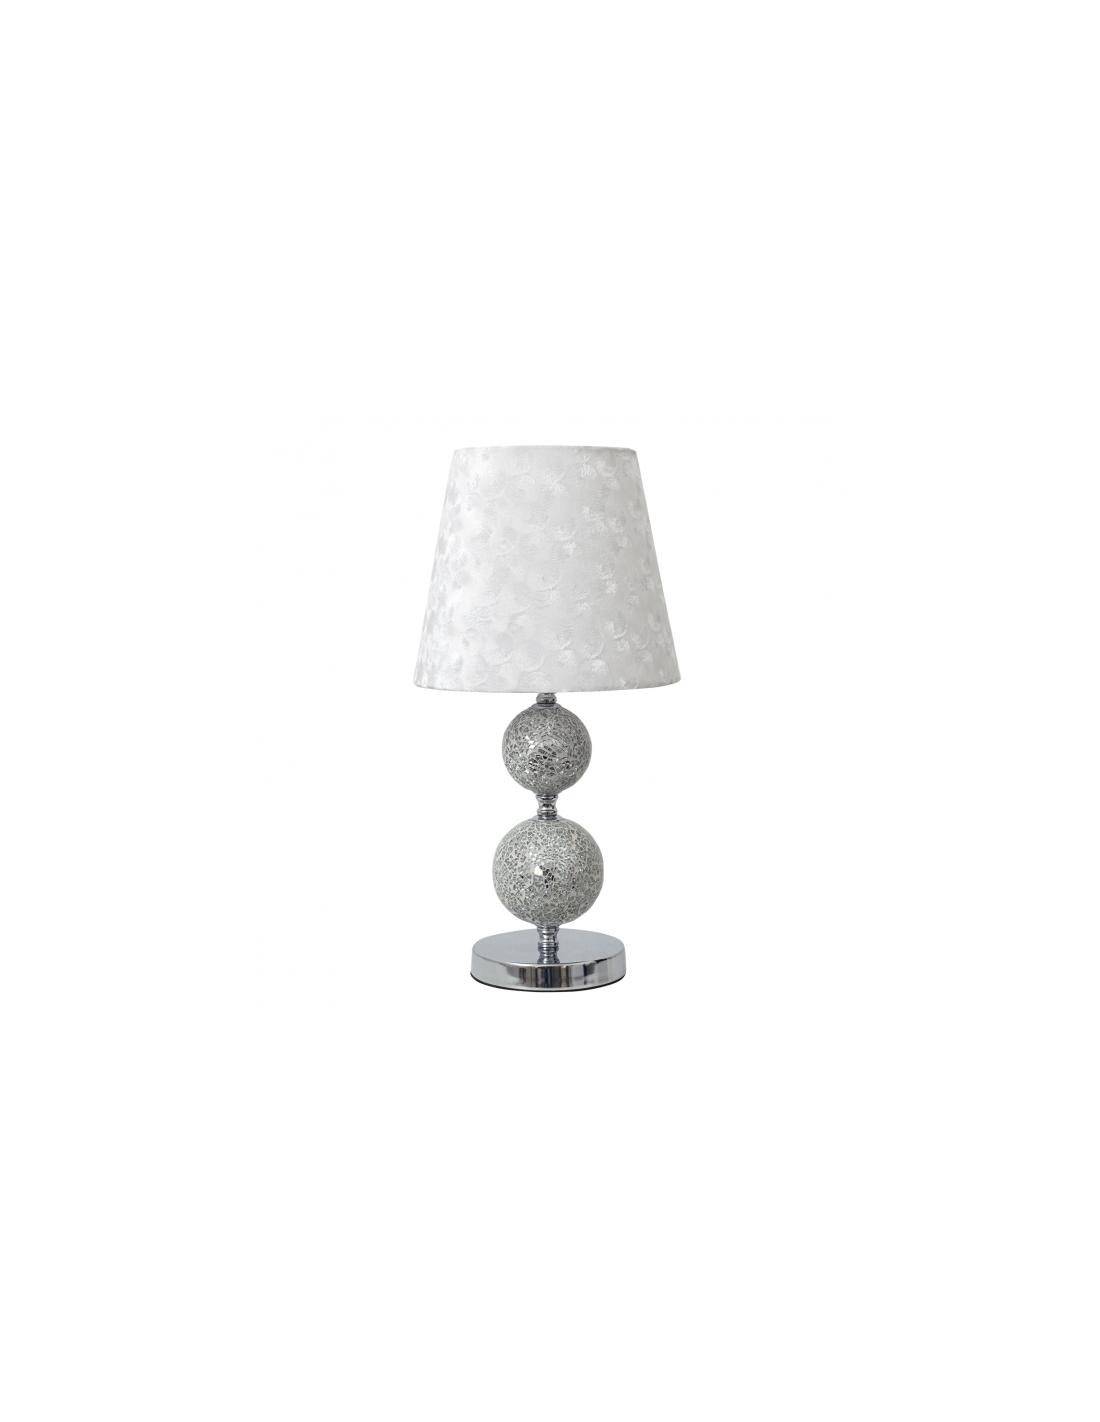 Acheter lampes de table pour enfants circulo 37071048 - Lampe de table enfant ...